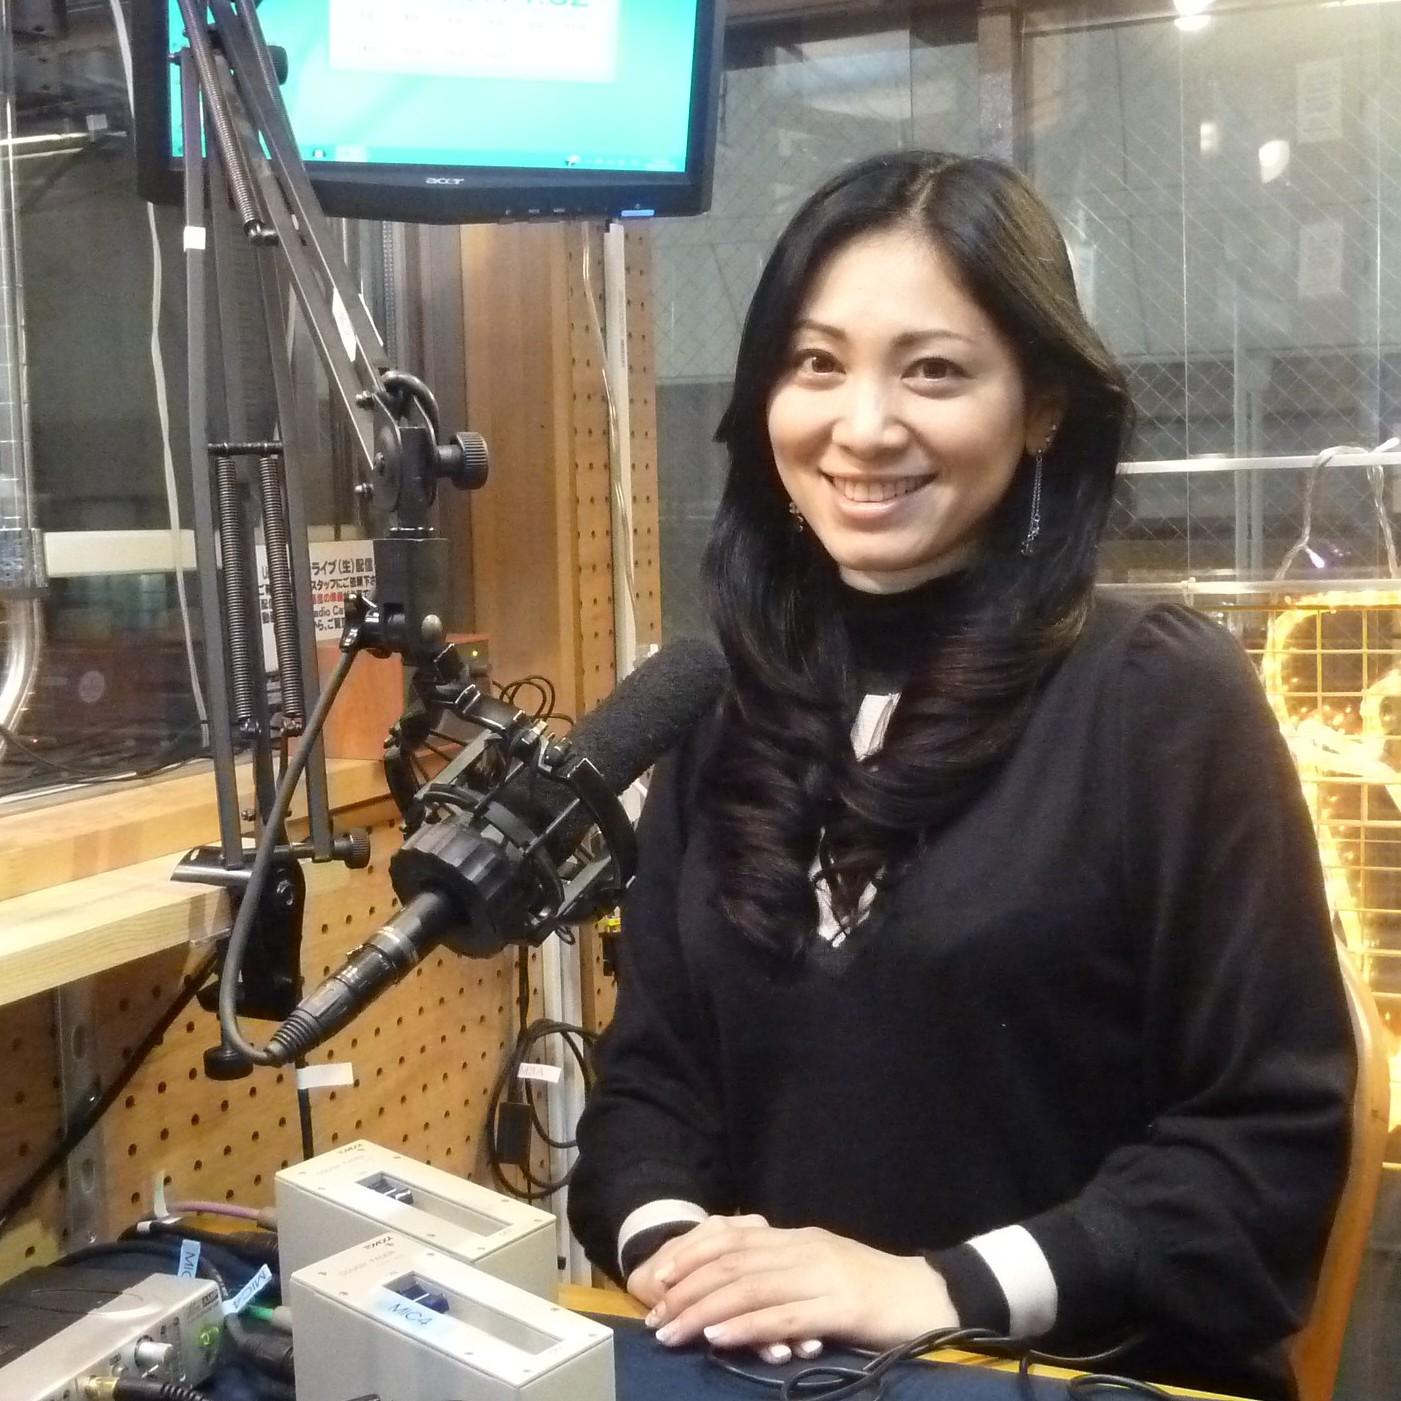 柴田薫のKaoru's room - FM79.7MHz京都三条ラジオカフェ:放送